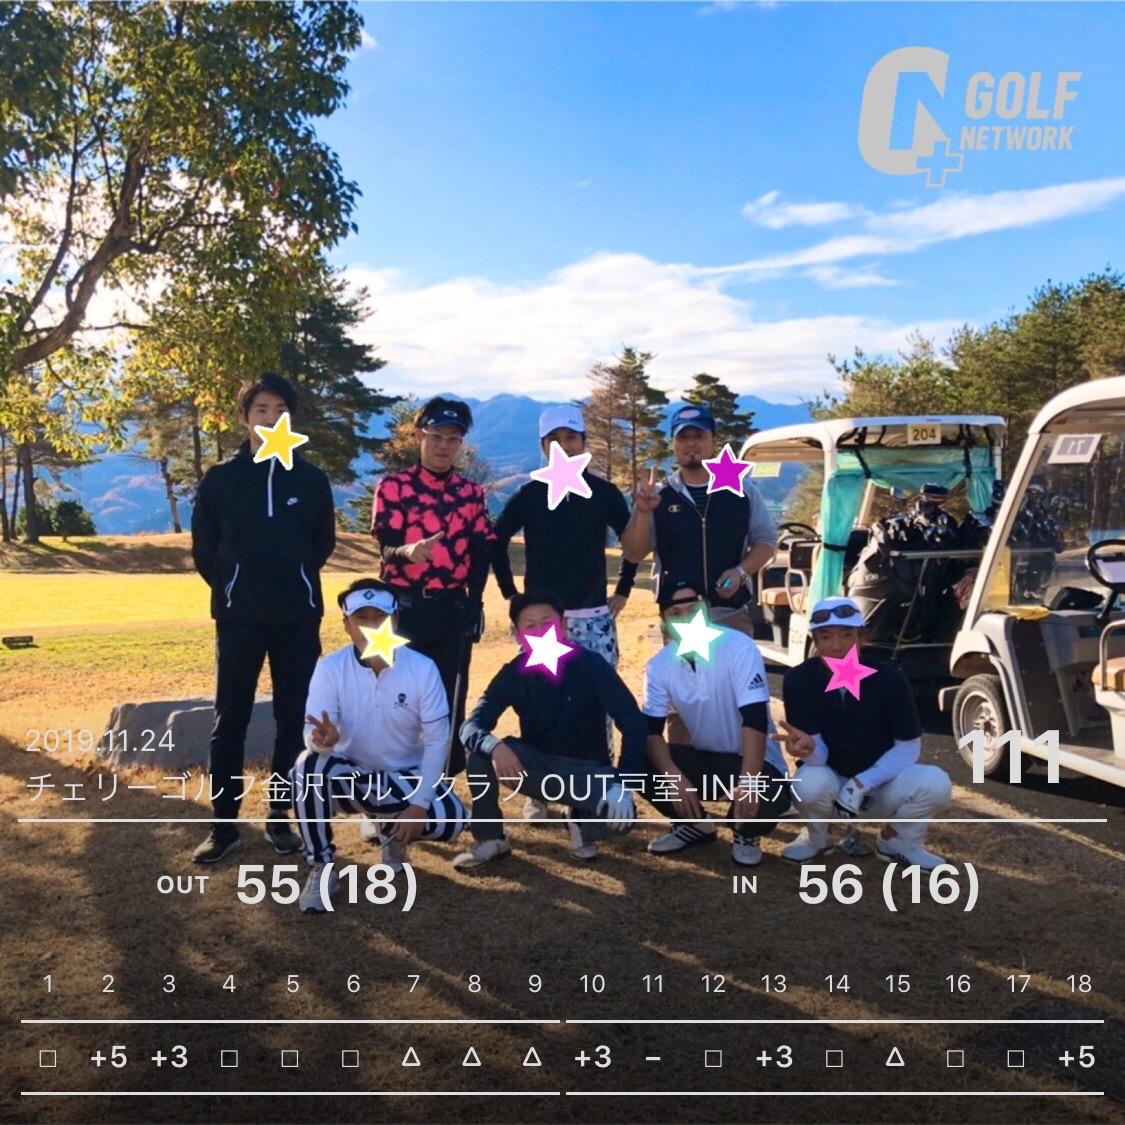 f:id:sakuya_golf:20200211155818j:plain